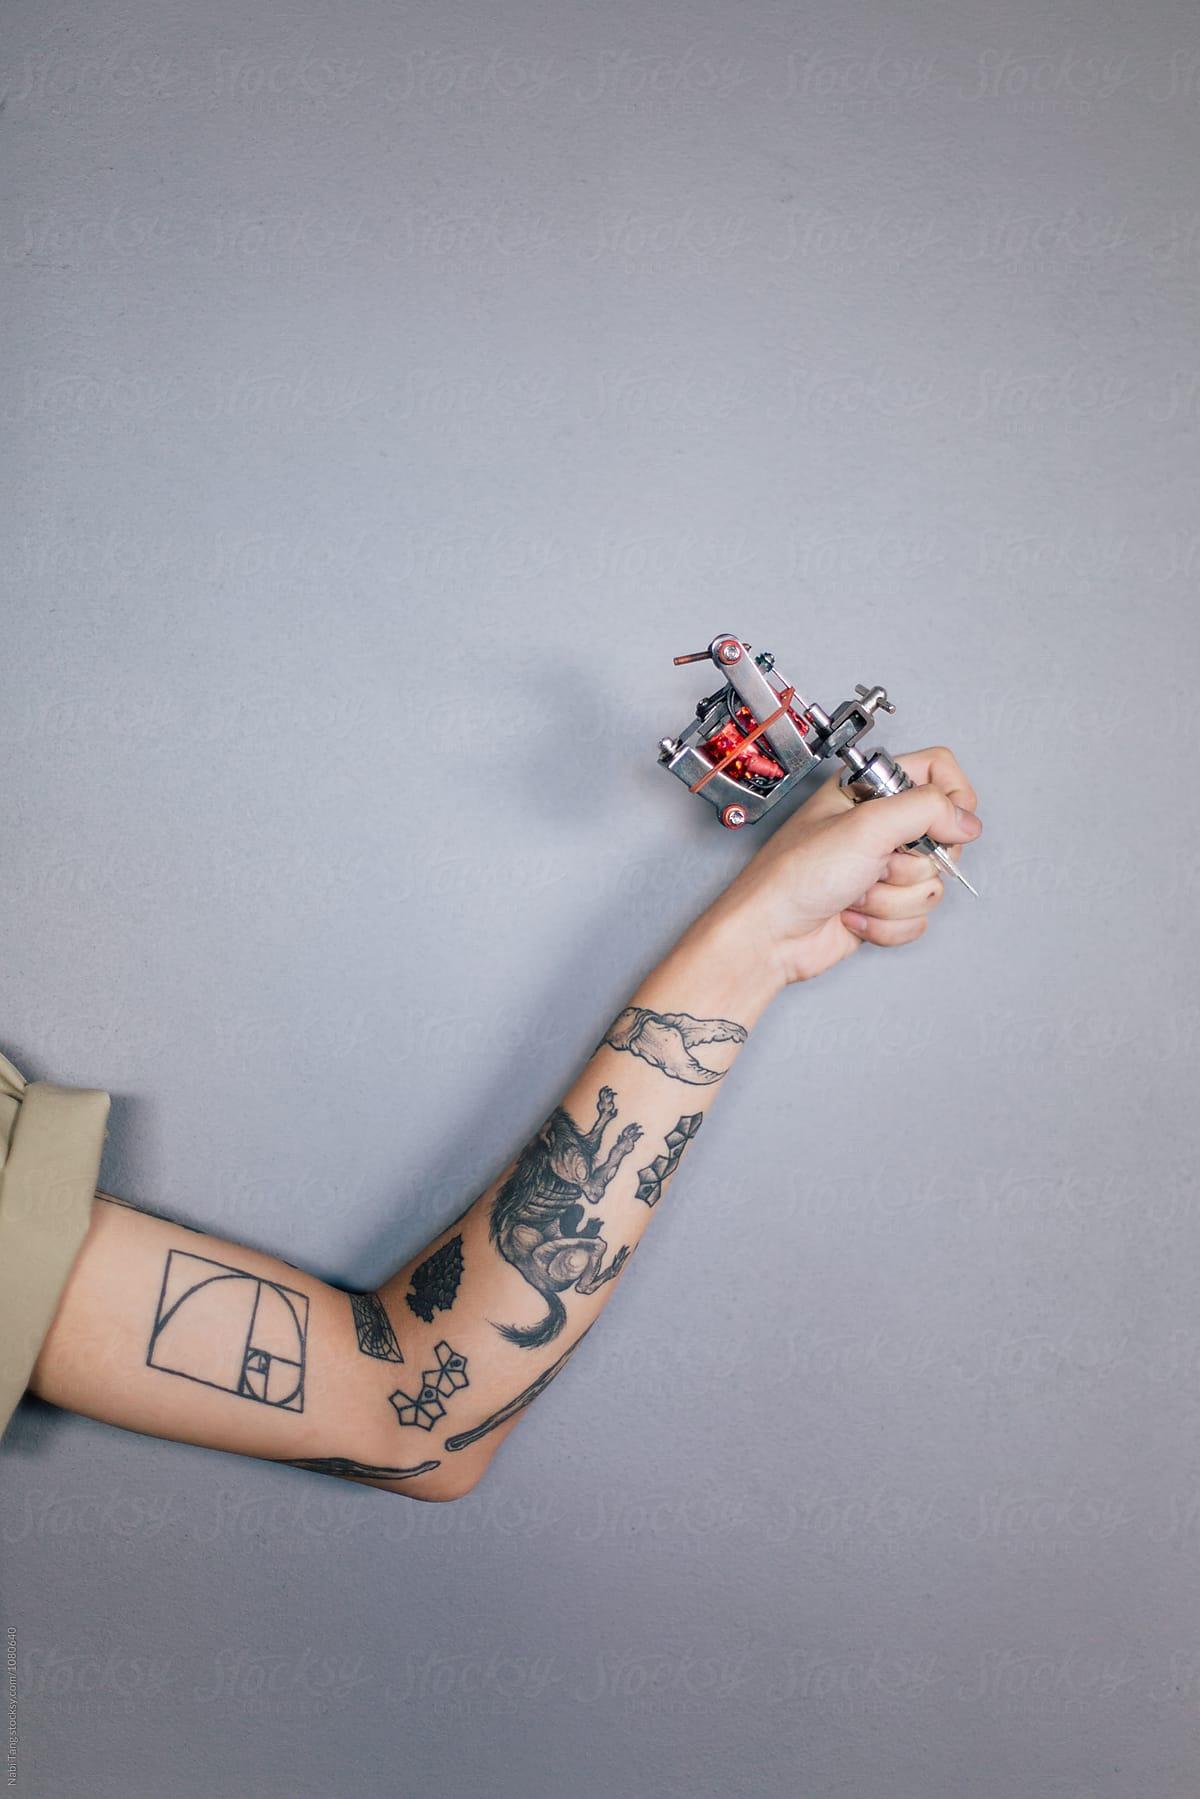 Artist Hand Holding Tattoo Gun